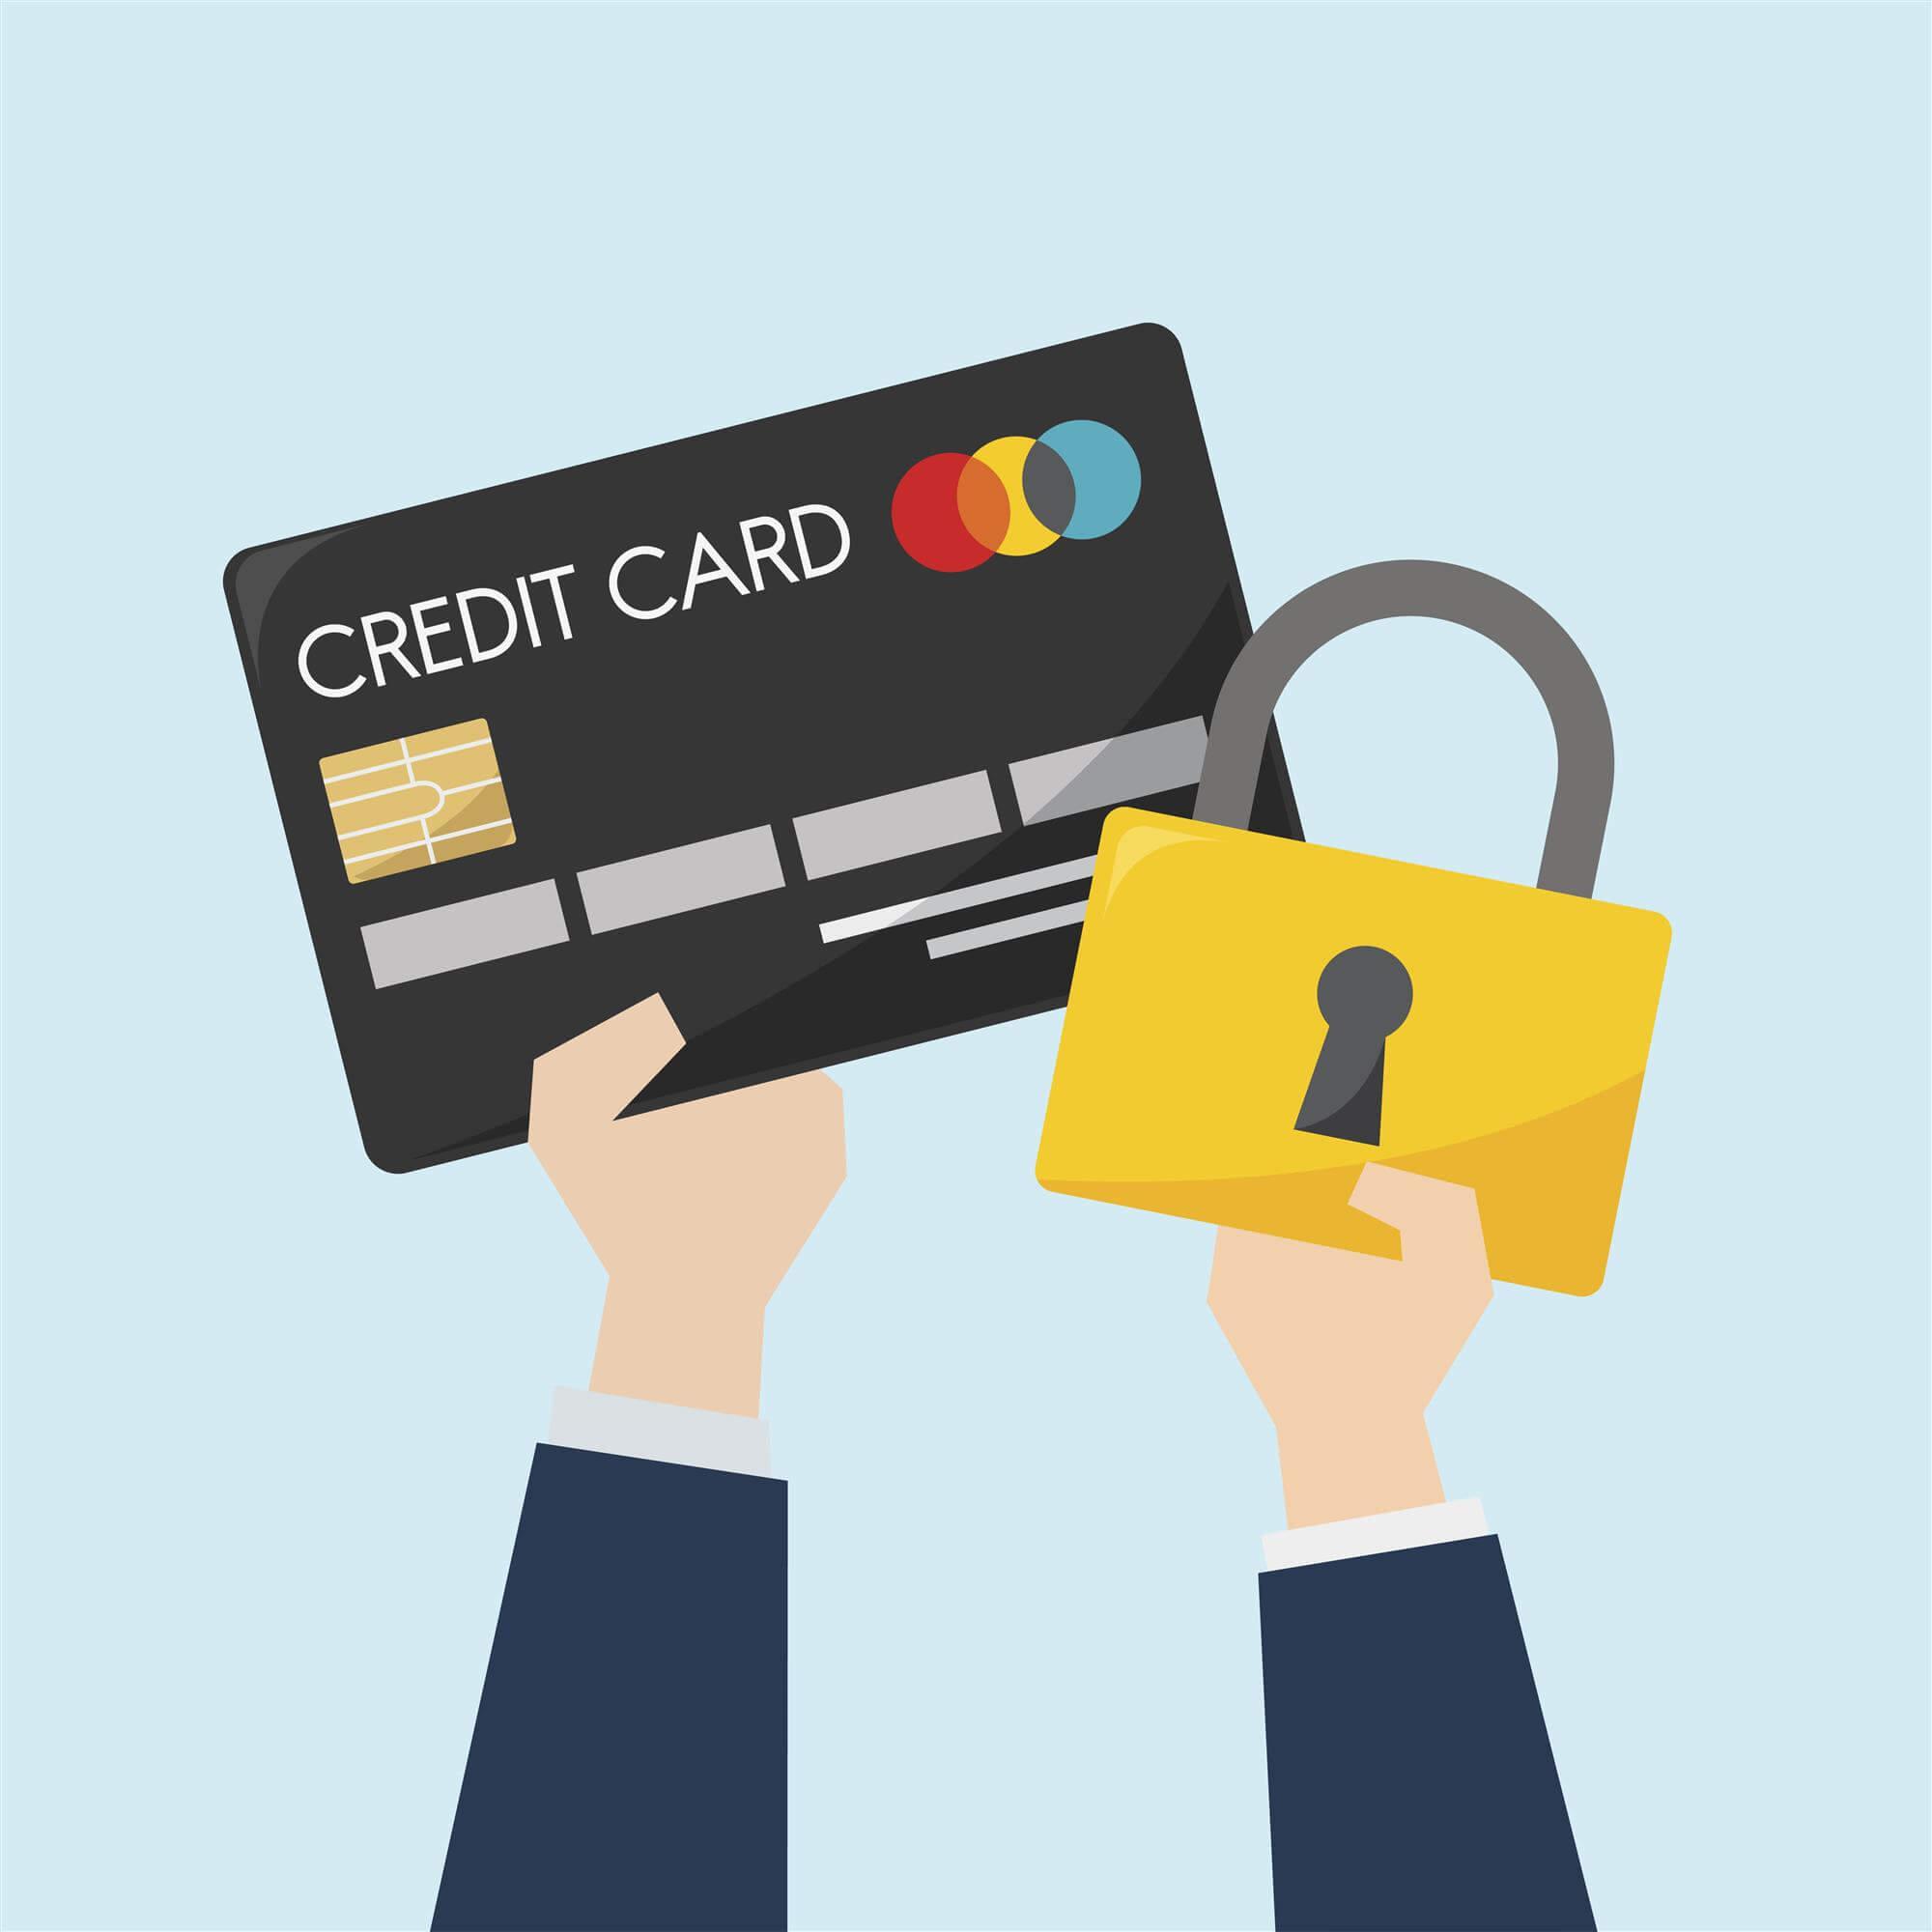 как закрыть кредитную карту сбербанка через сбербанк онлайн